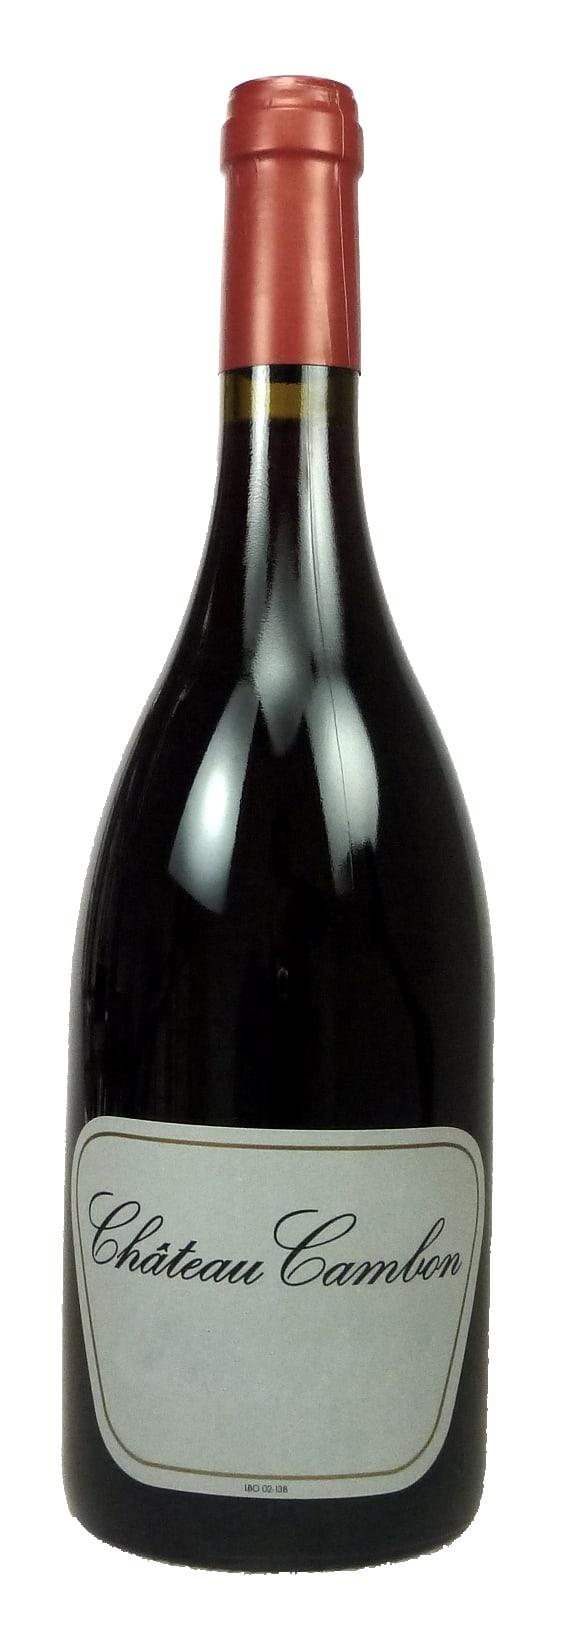 12 Flaschen 2018 Château Cambon